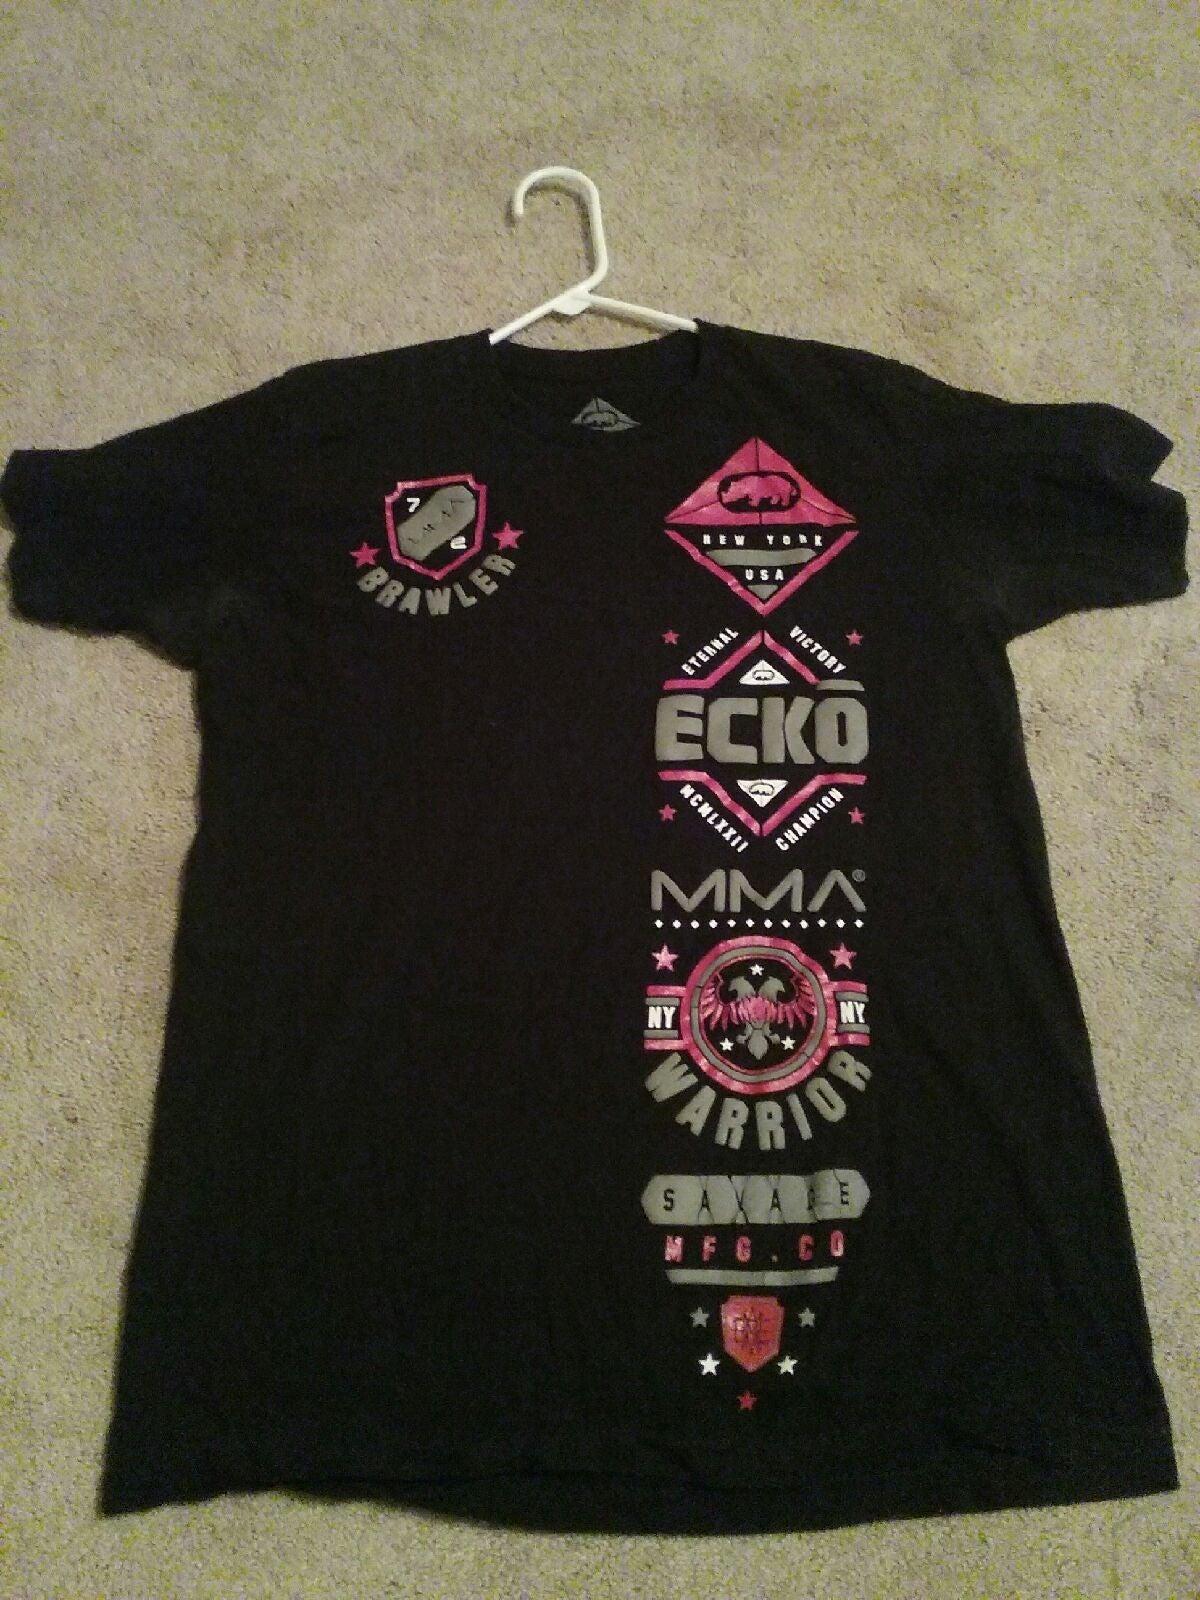 Ecko Unltd MMA Men's Med T-shirt